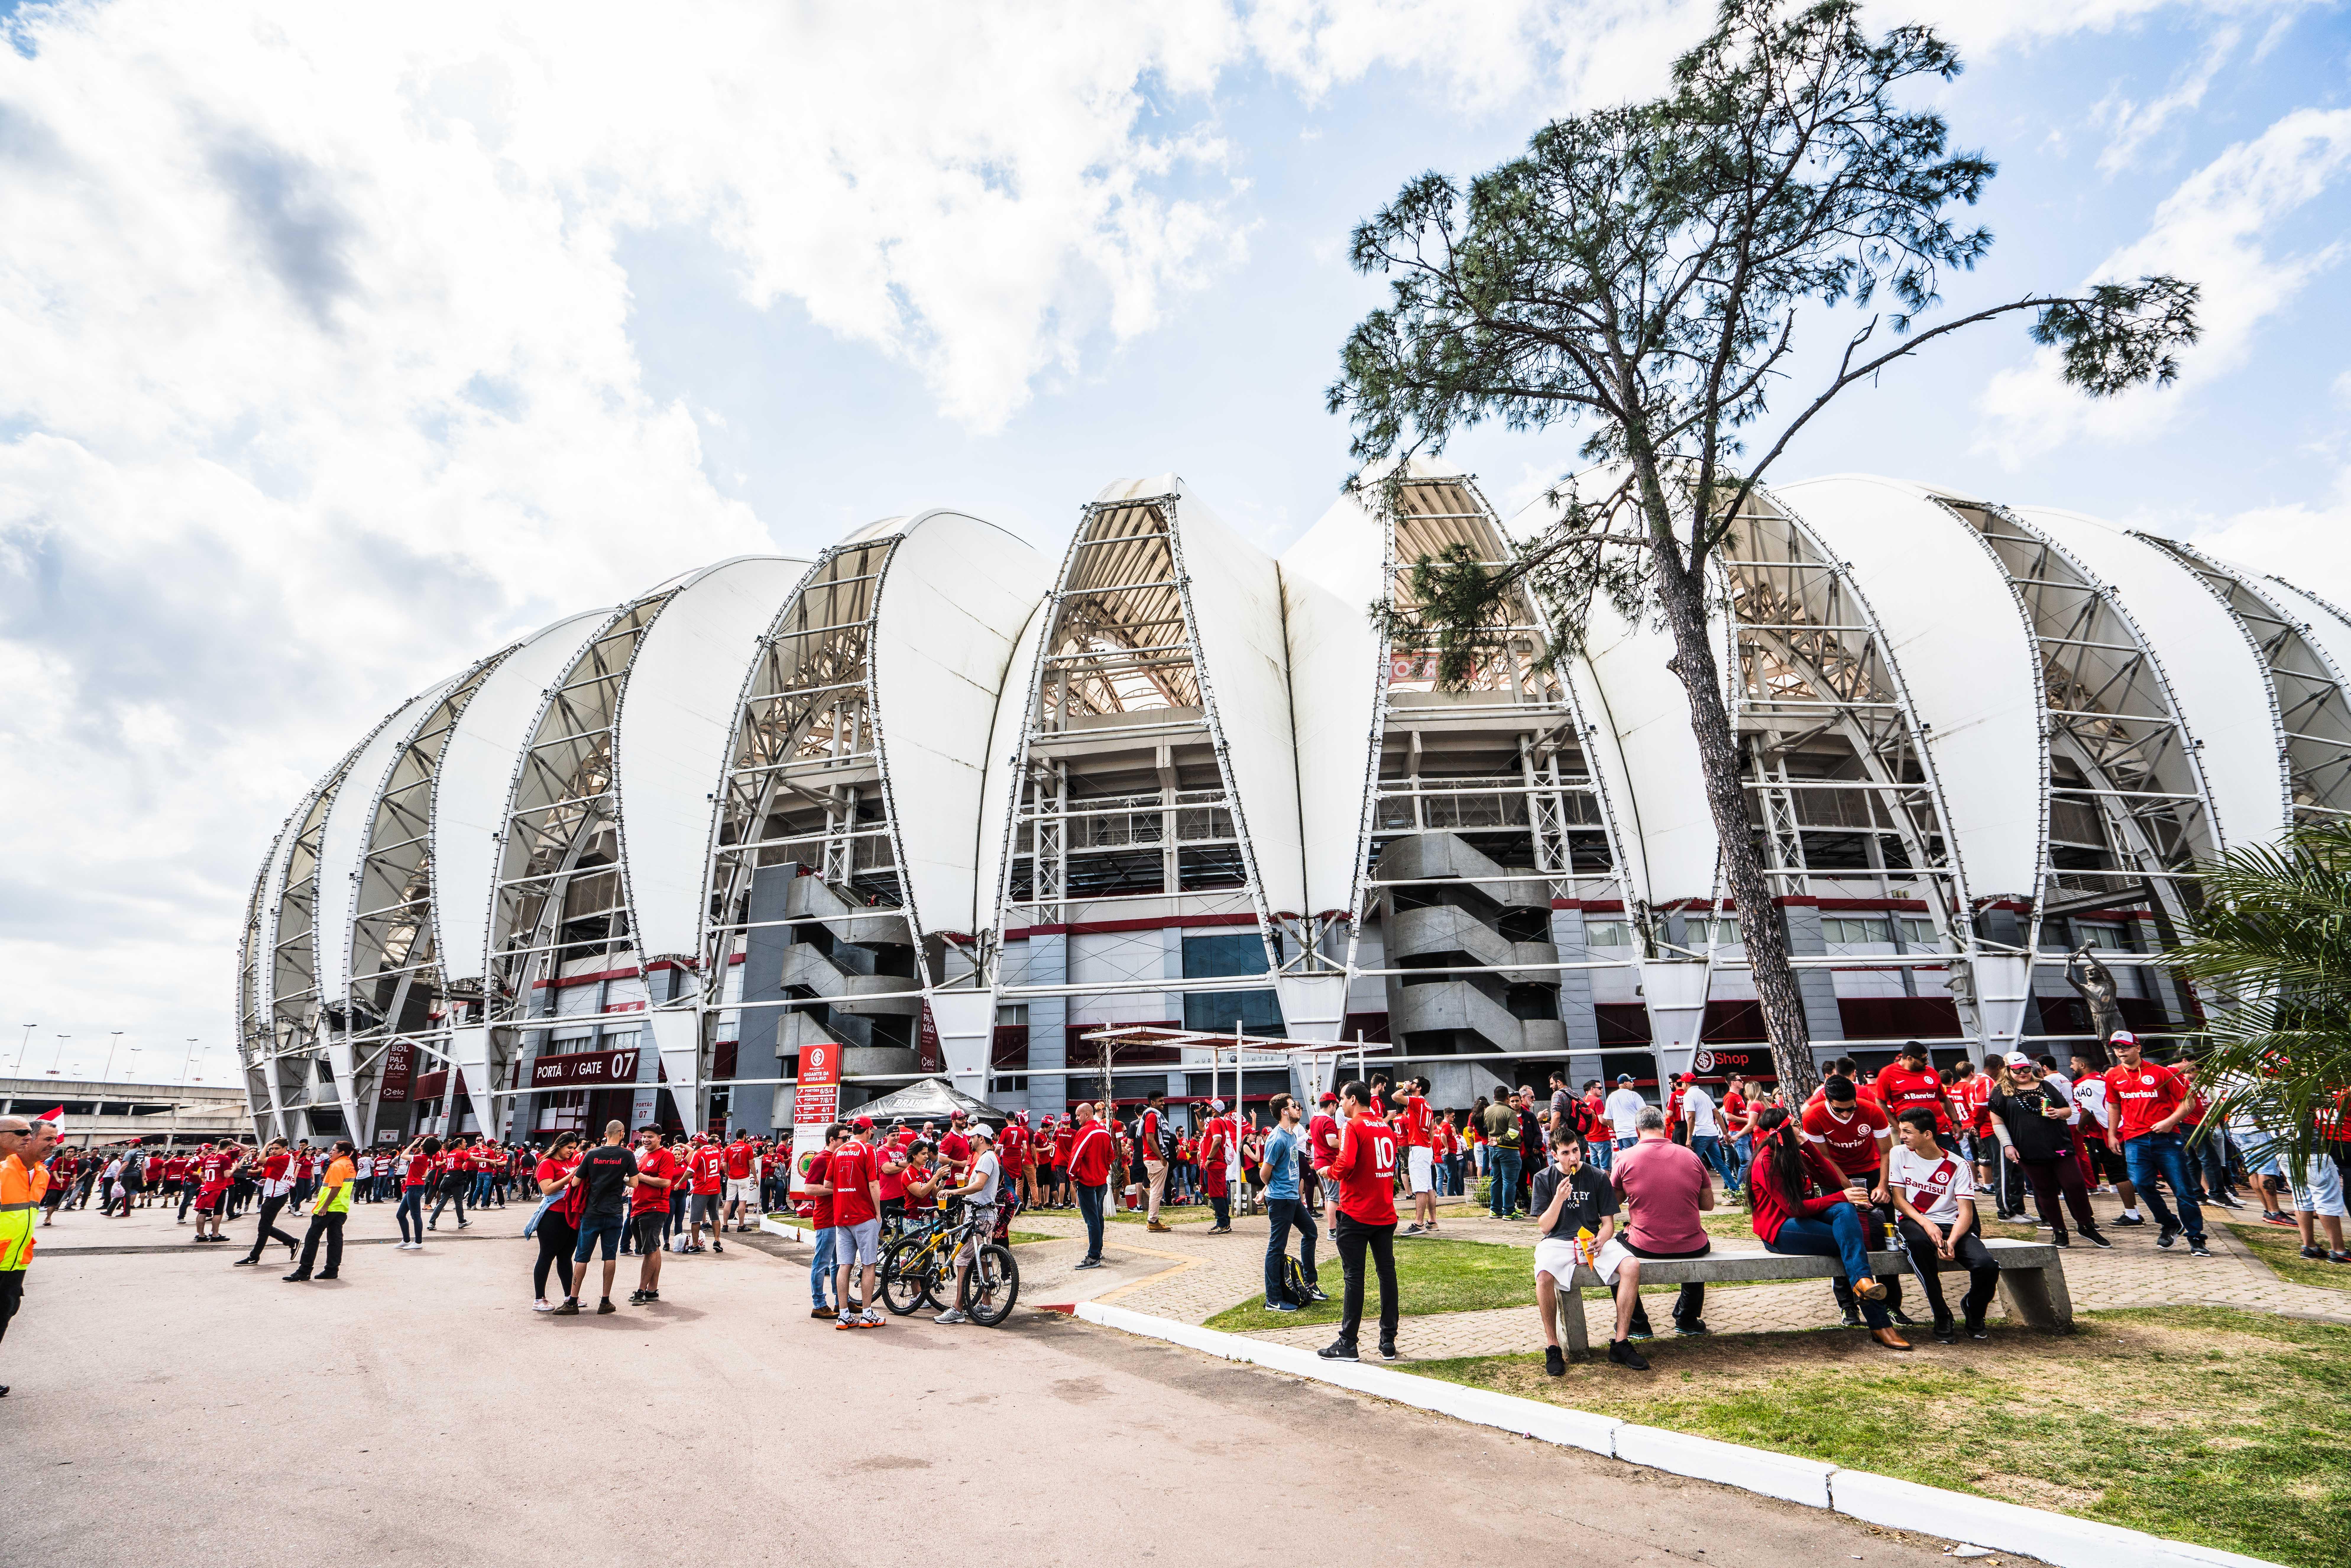 Futebol: Já estão à venda os ingressos para Inter e Avaí no Coração do Gigante. Bilheteria física do Coração do Gigante abre na sexta-feira (31), a partir das 10h